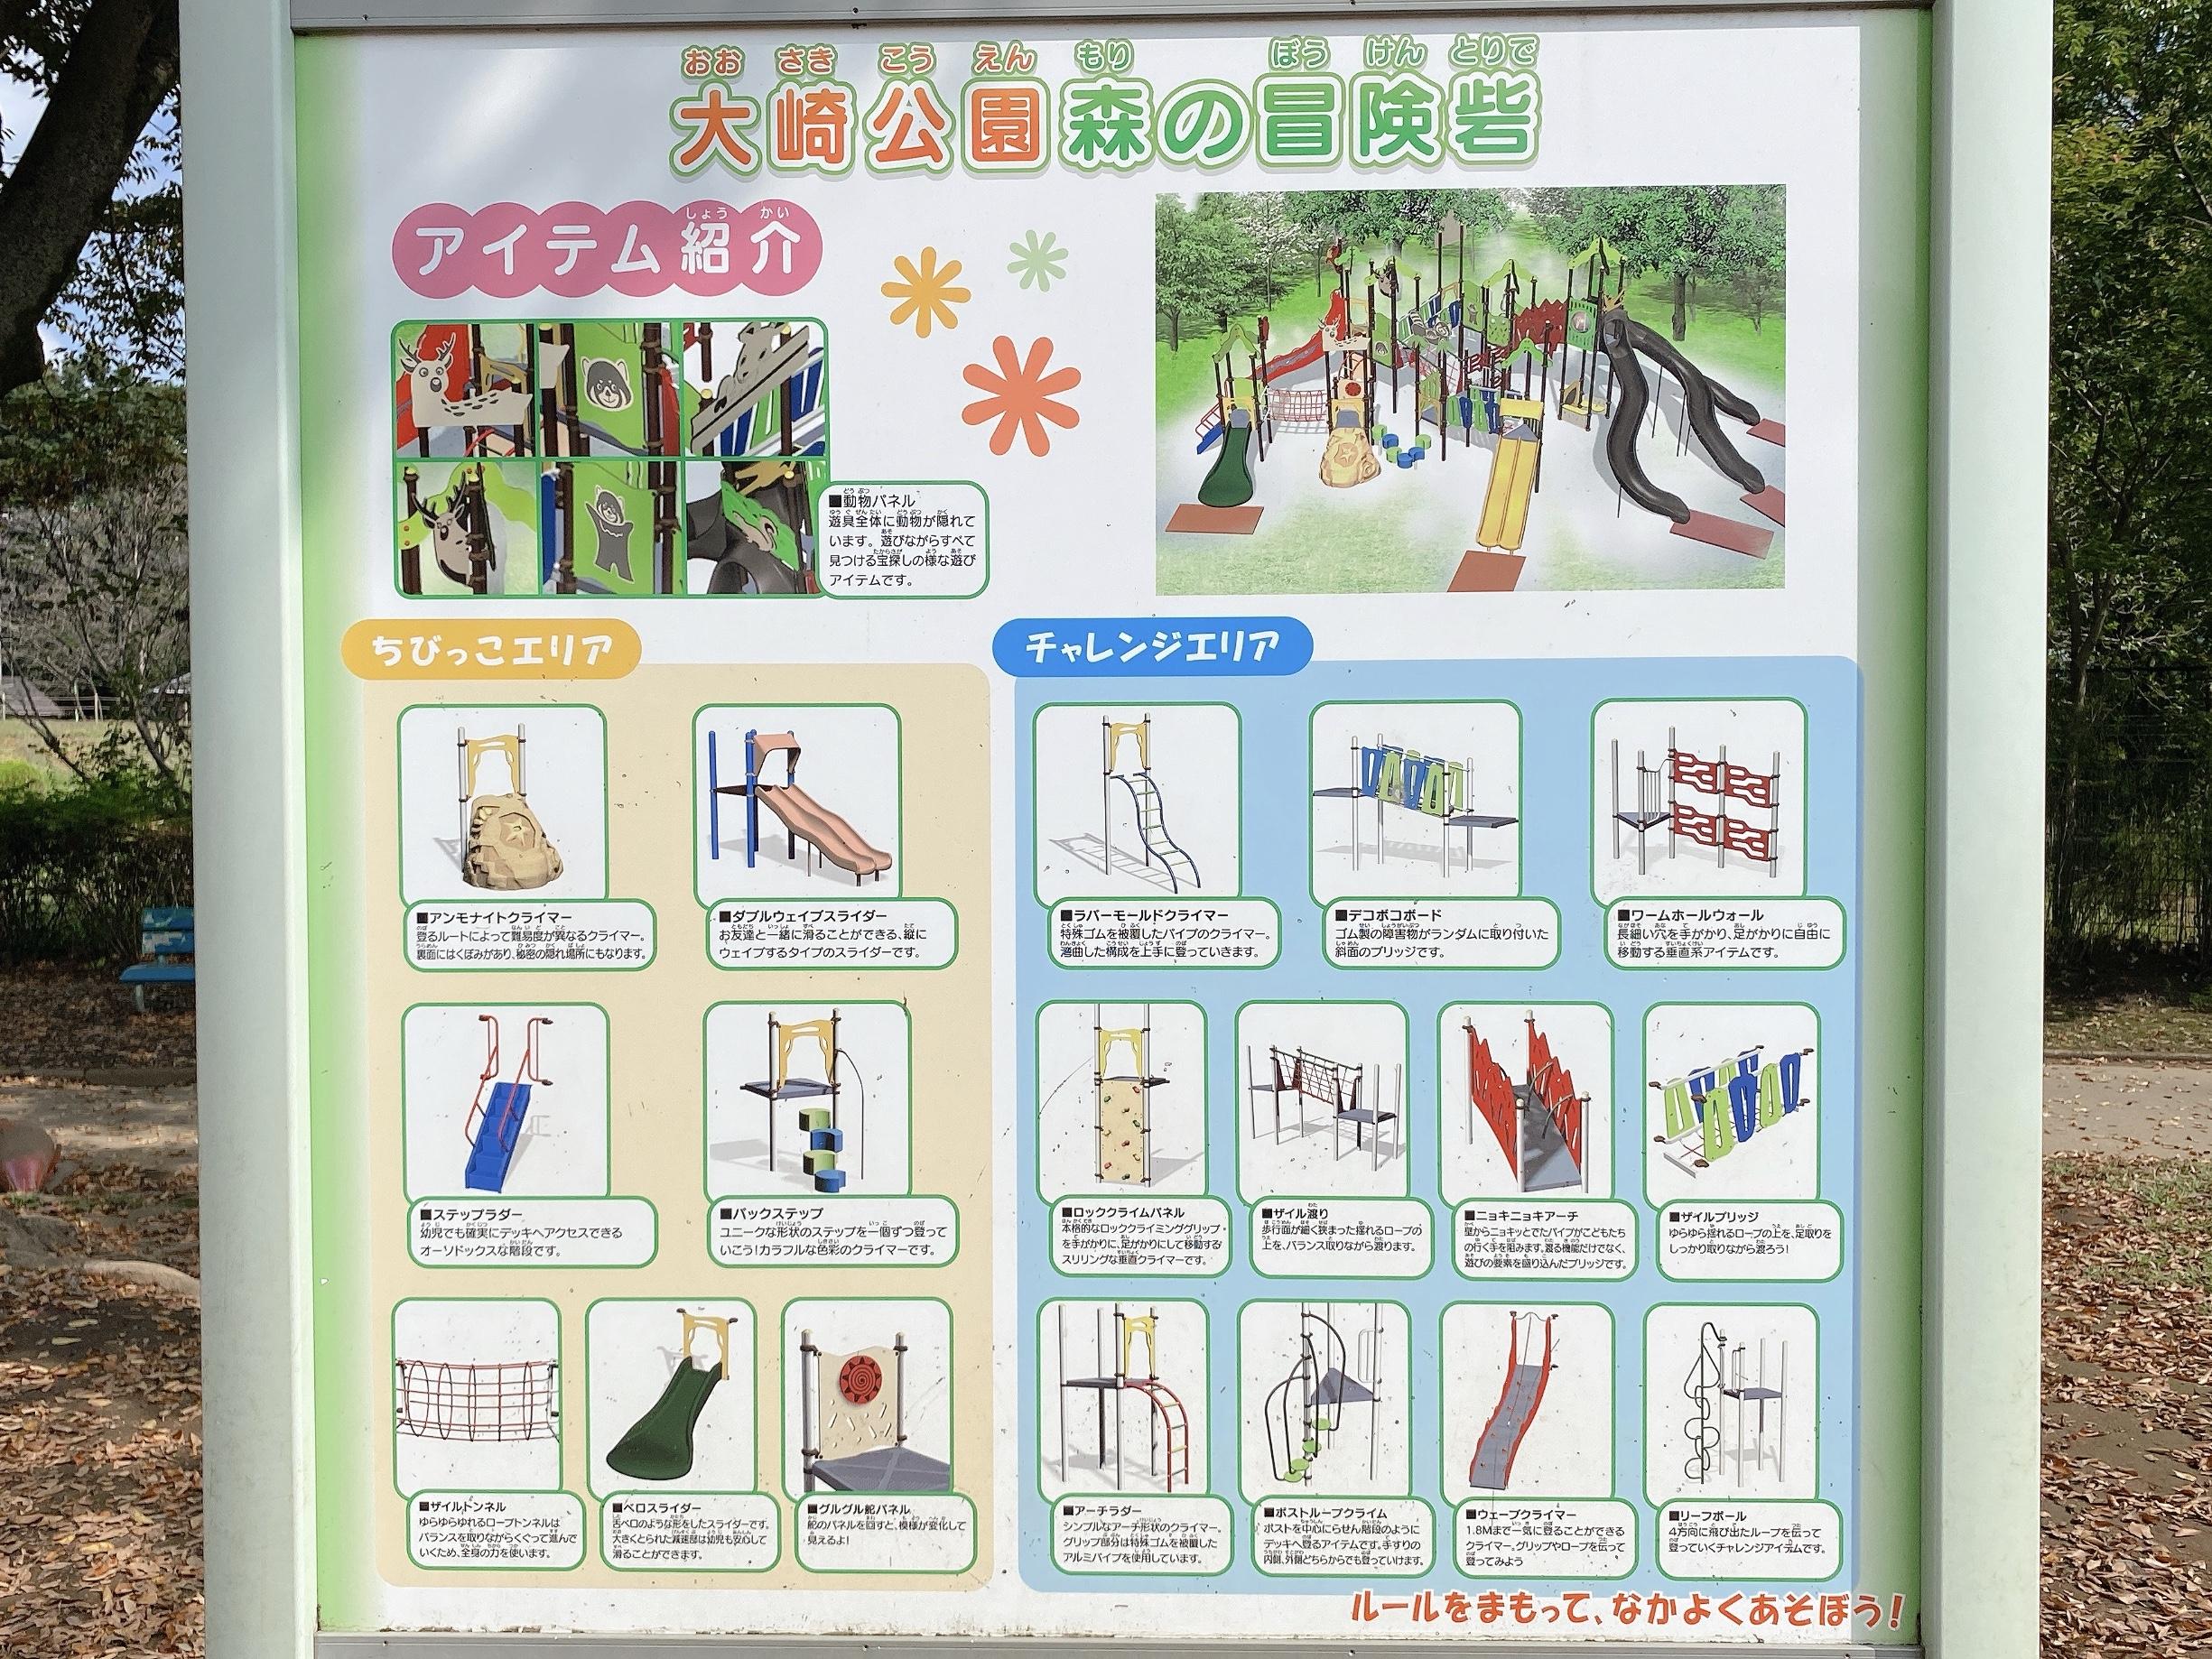 さいたま市緑区 大崎公園